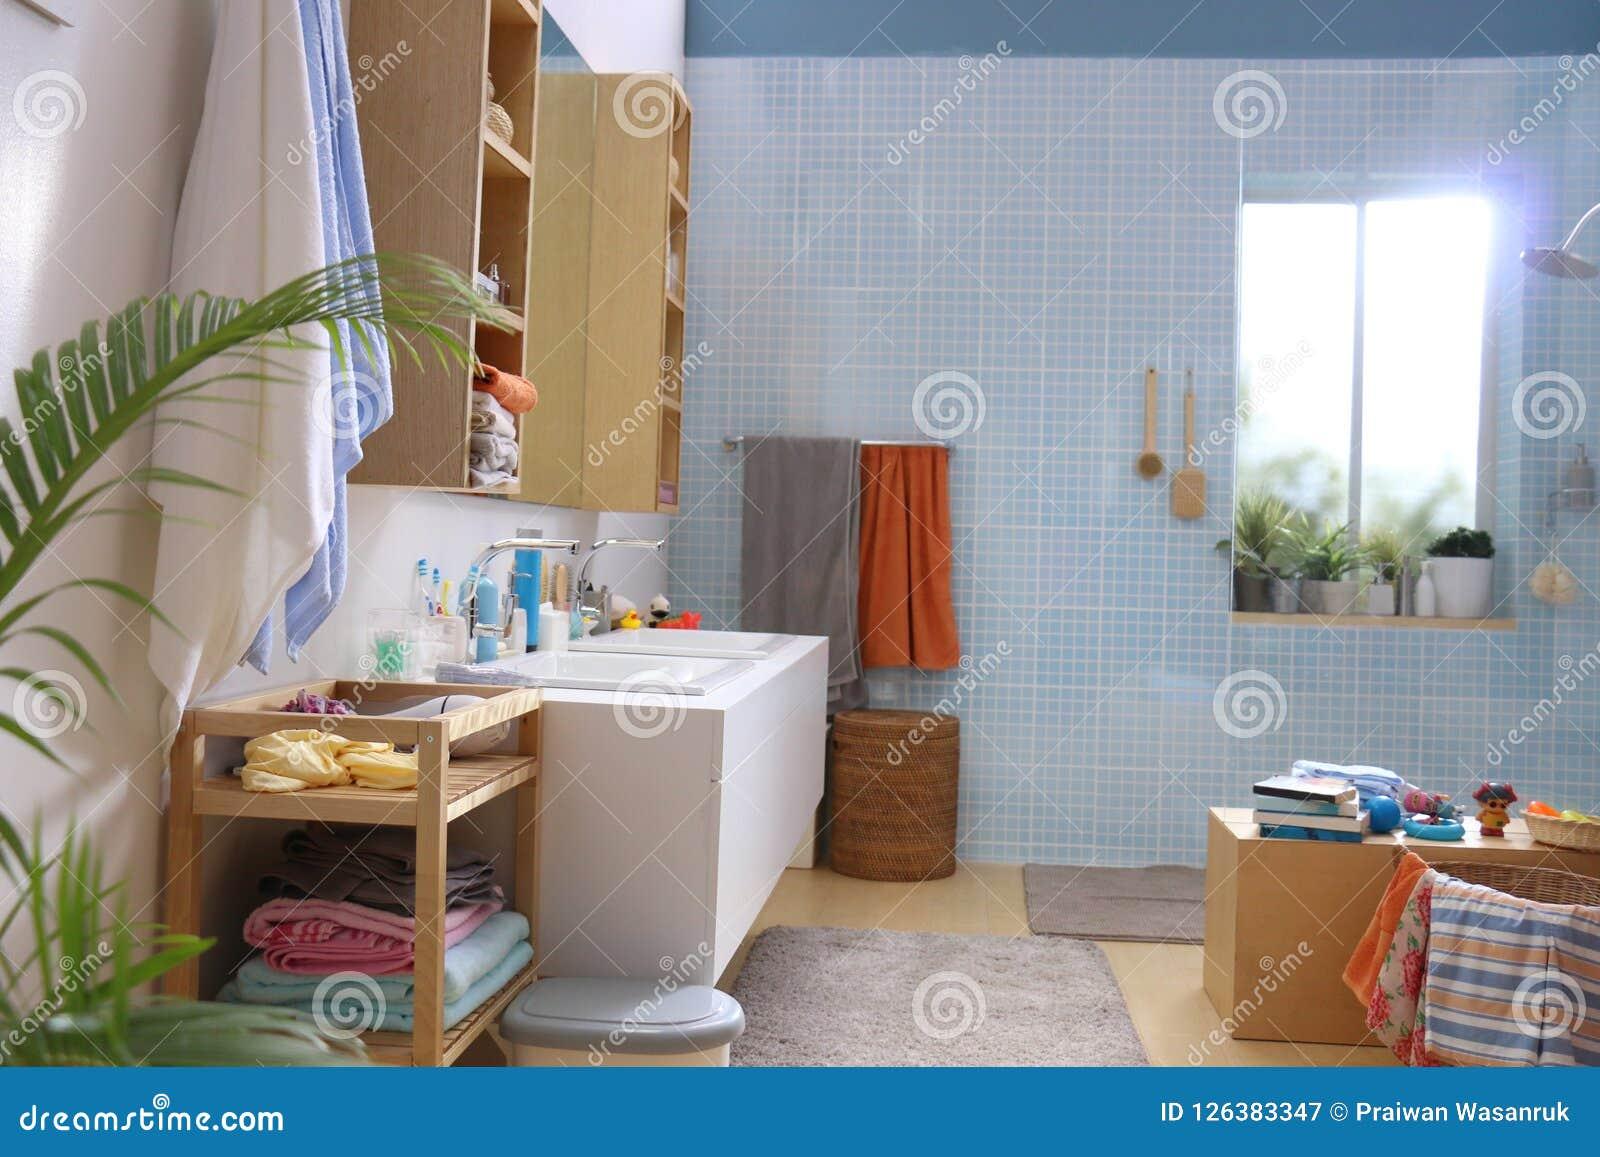 Une Salle De Bains à Carreaux Bleue De Mur De Modèle Image ...